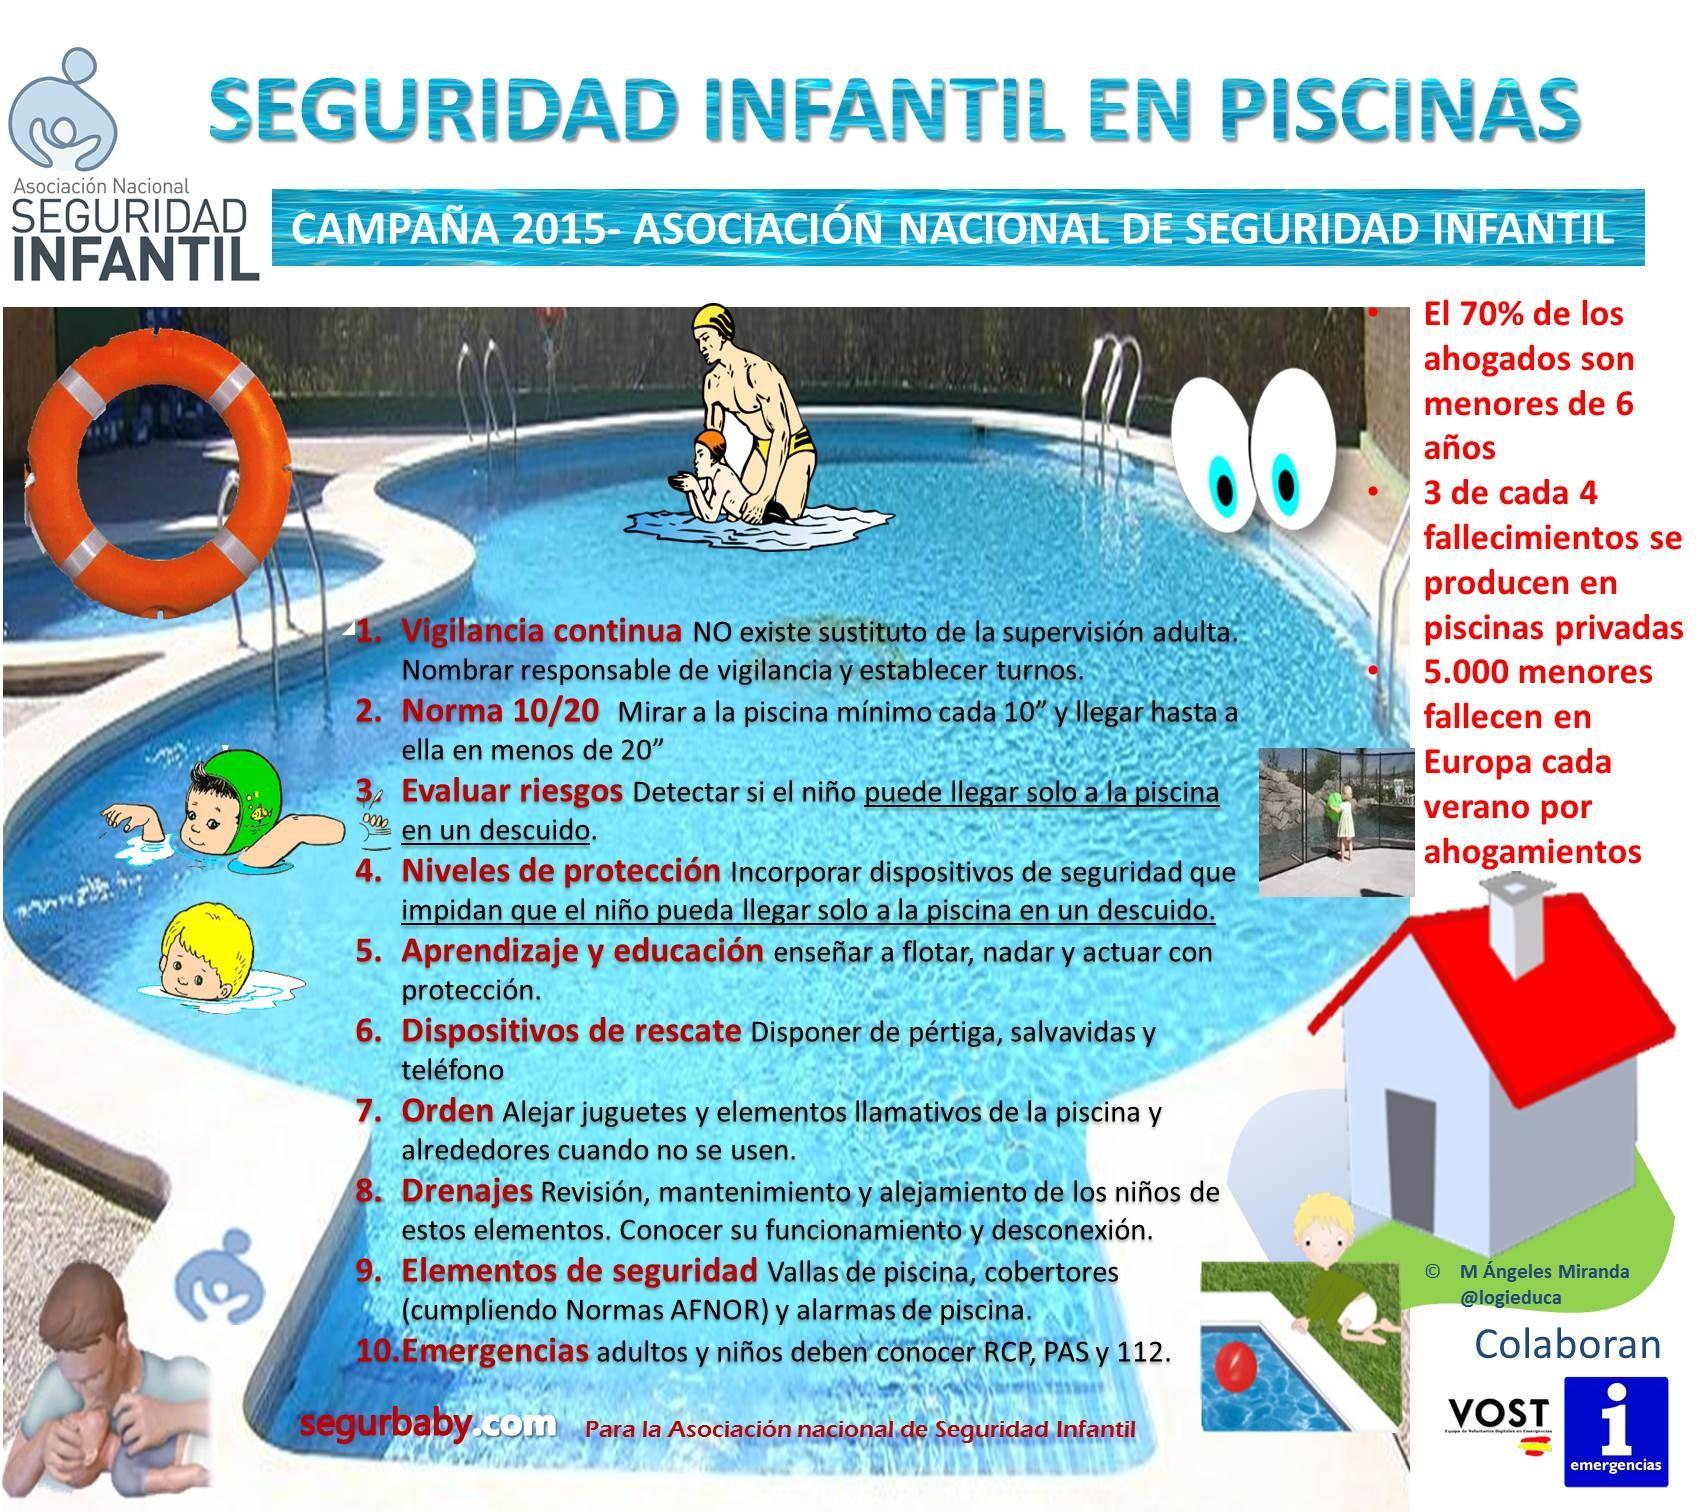 Campaña Para Eavitar Ahogamientos Infantiles En Piscinas Seguridad Infantil Piscinas Prevencion